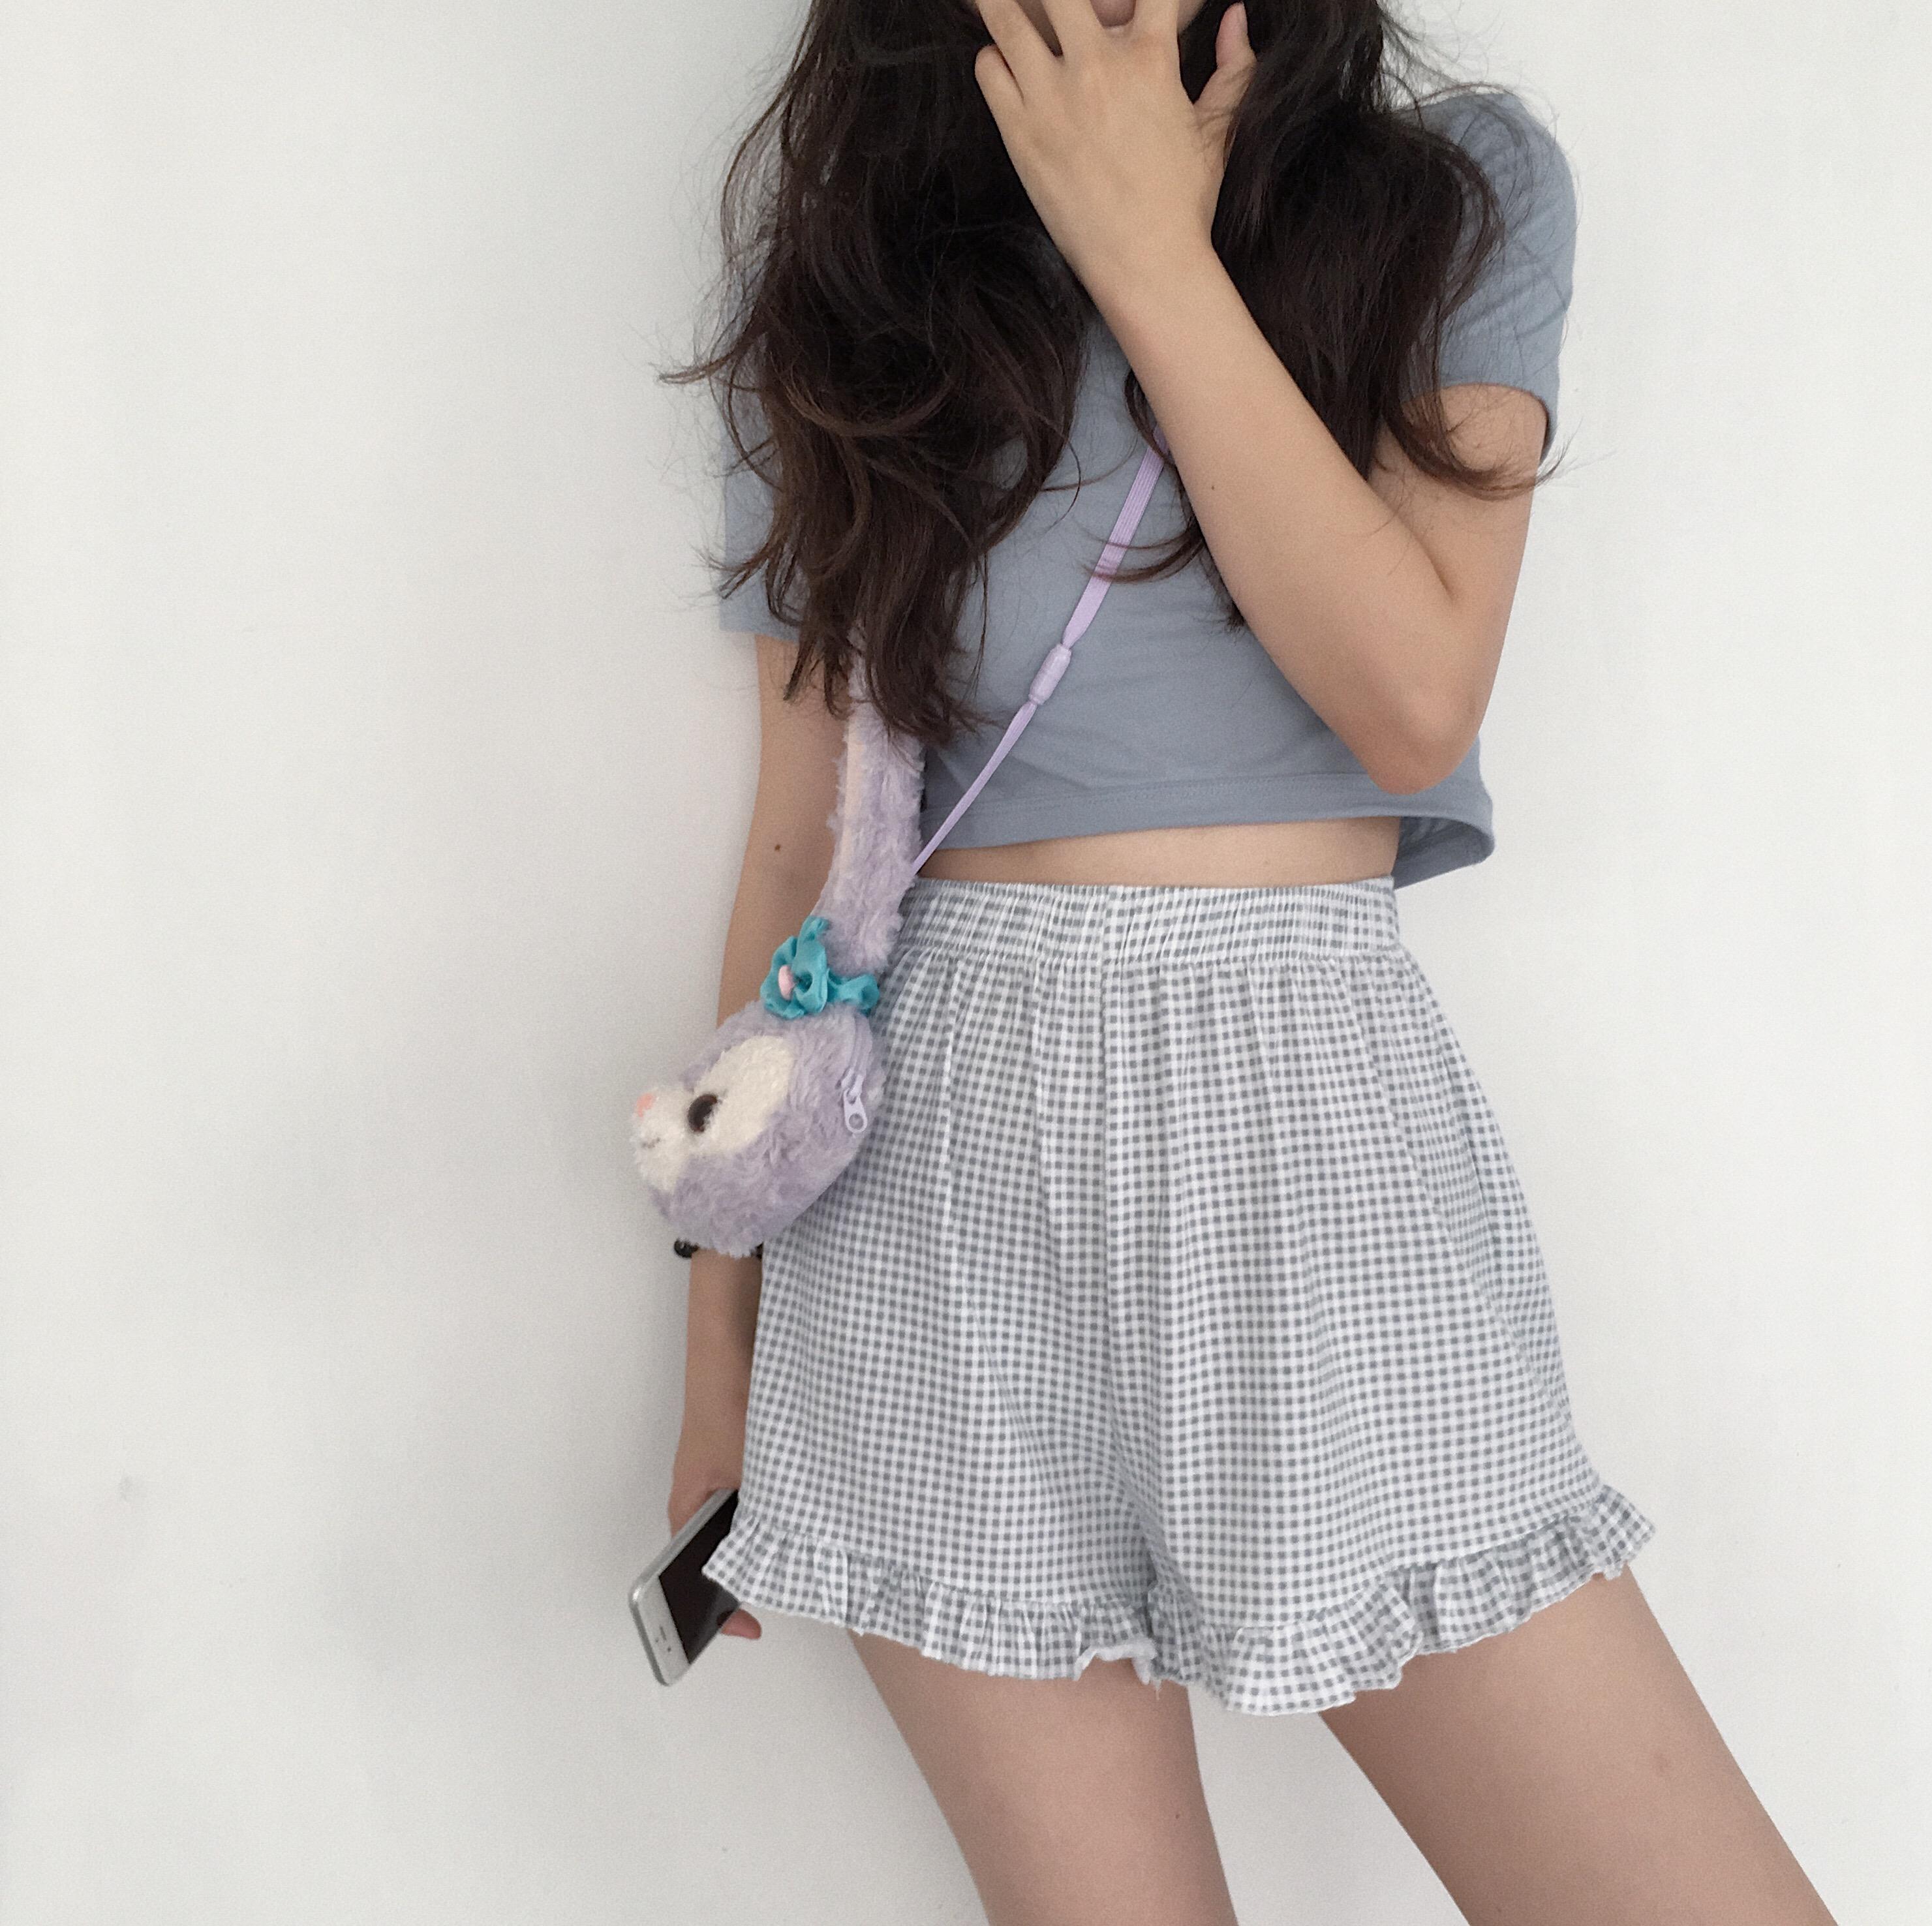 ZNG SHOP女�b2018新款 很推�]的�色敲好看的短T恤女 �缮�入